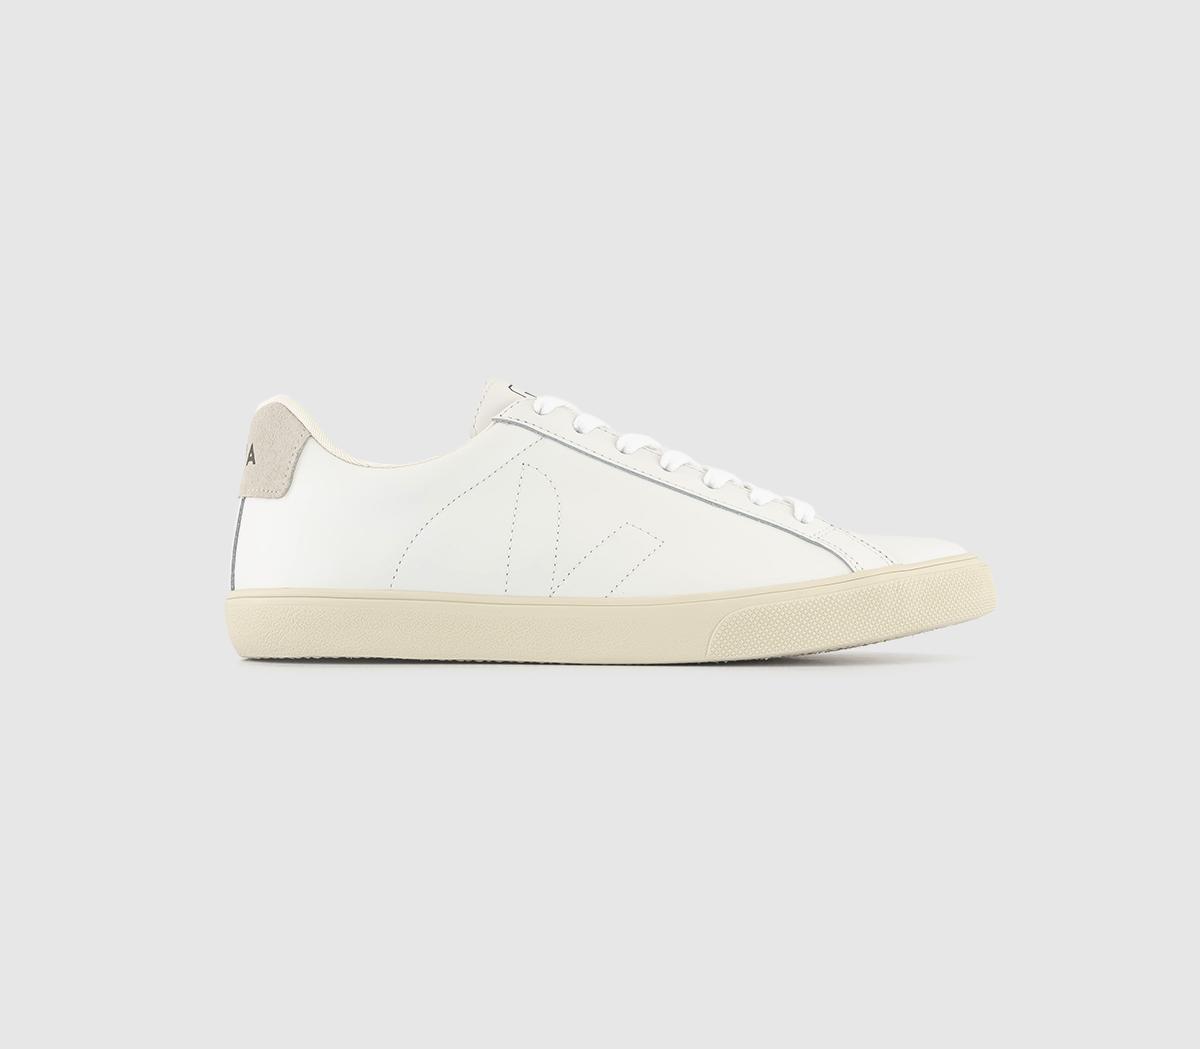 Veja Esplar WHITE MONO | £94.99 | Cabot